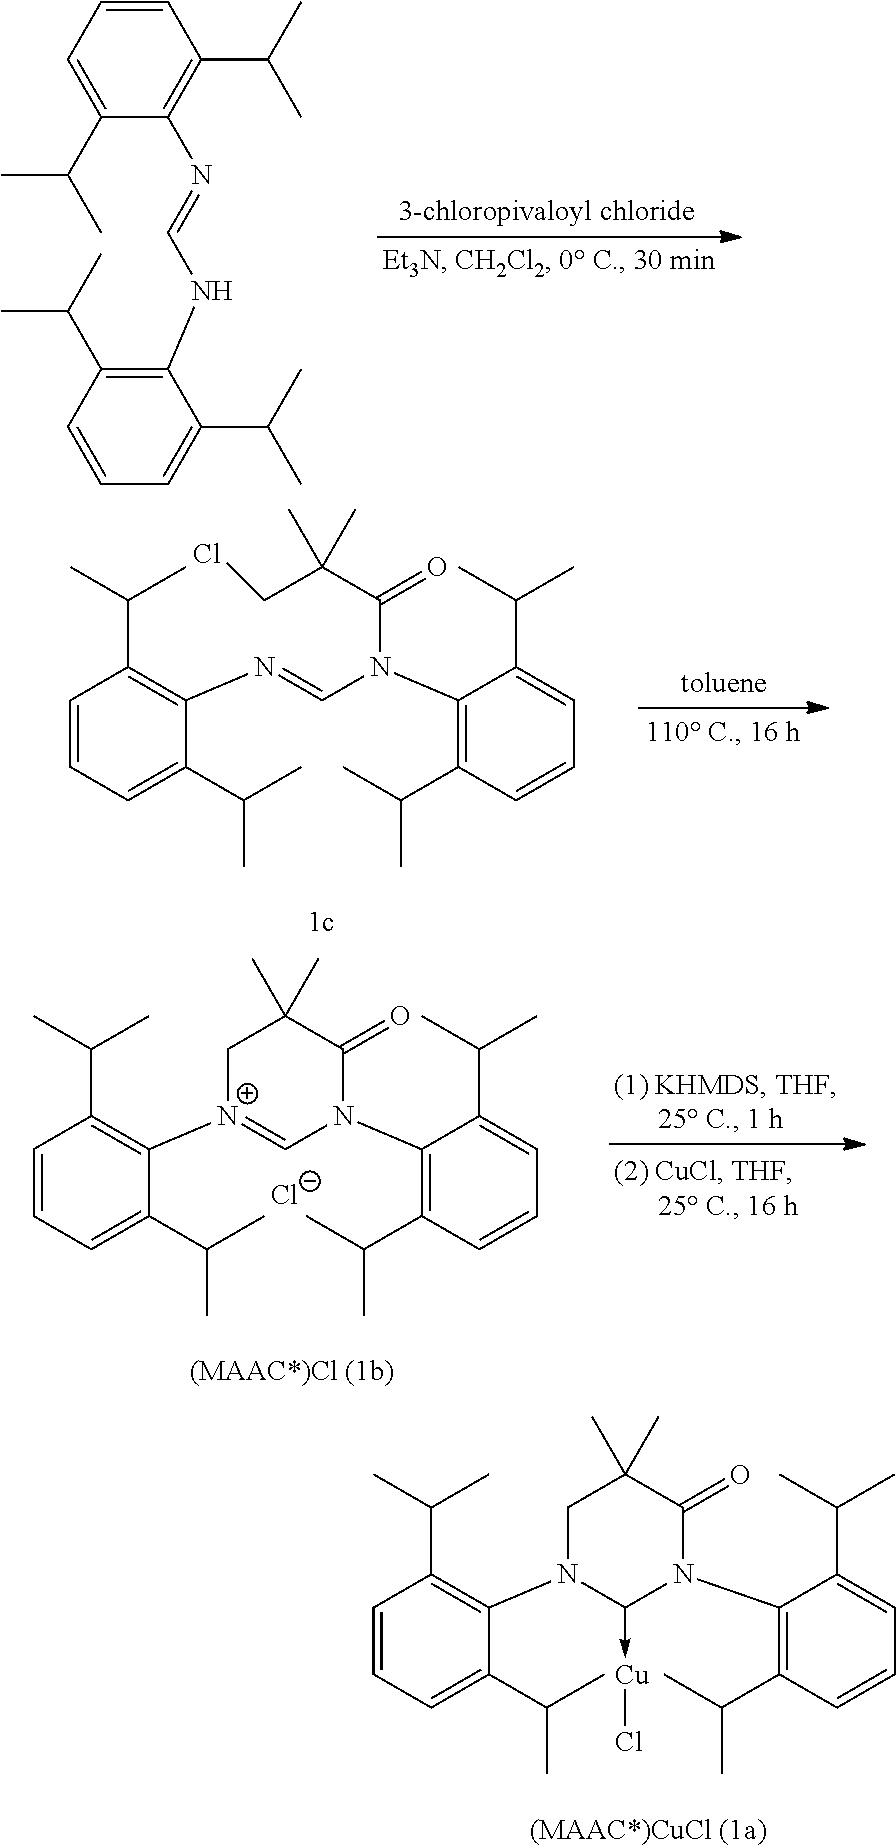 Figure US20190161504A1-20190530-C00097